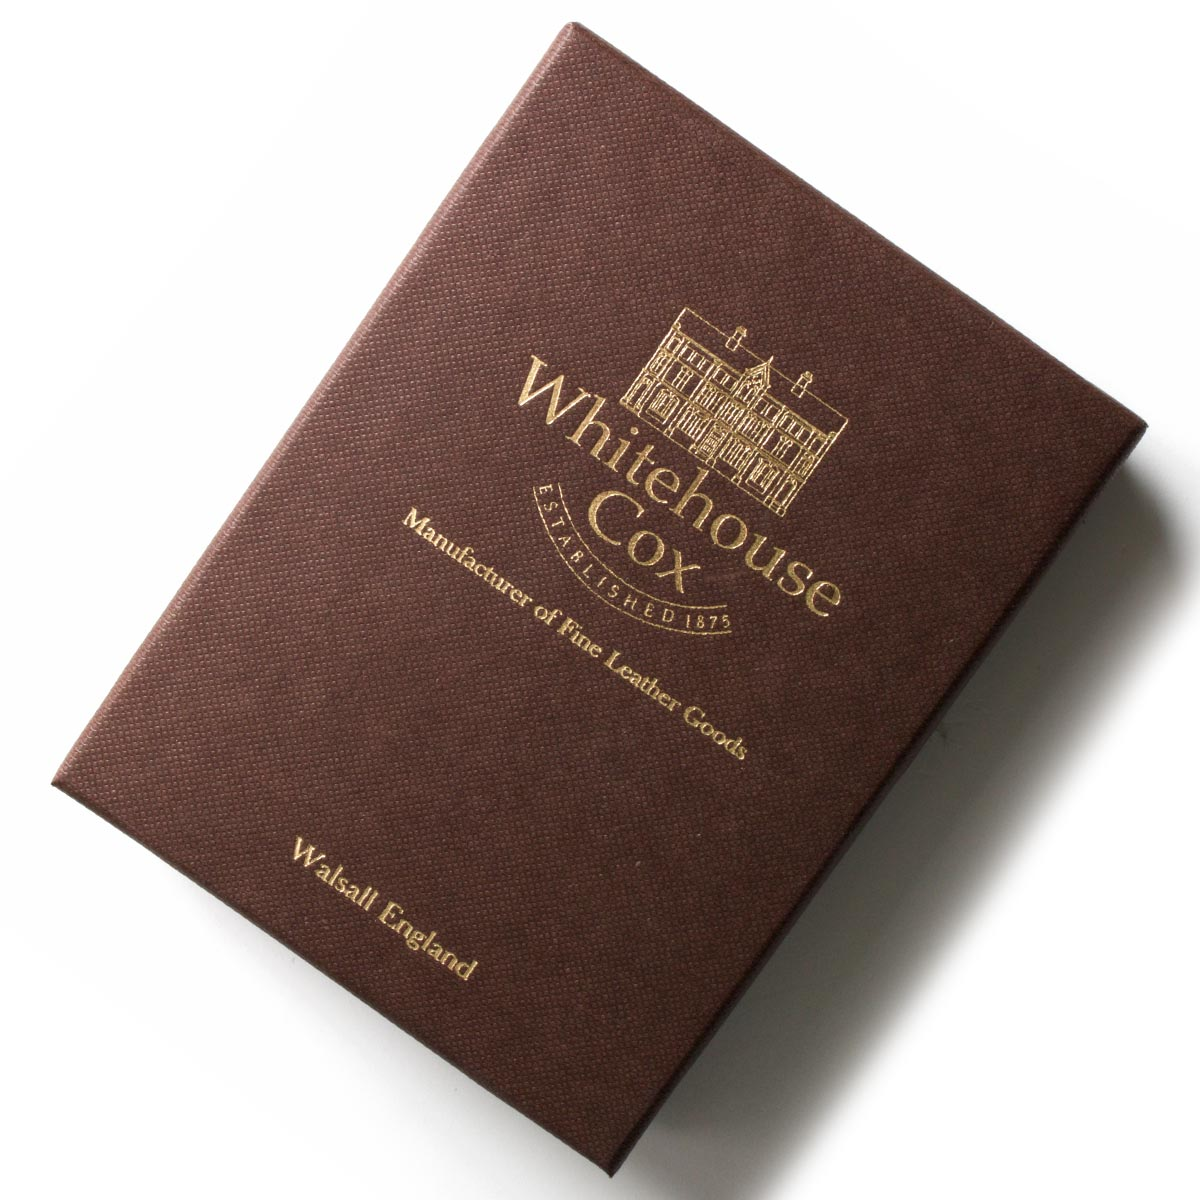 ホワイトハウスコックス カードケース メンズ ネイビー&ナチュラル S2380 NAVYNAT WHITEHOUSE COX